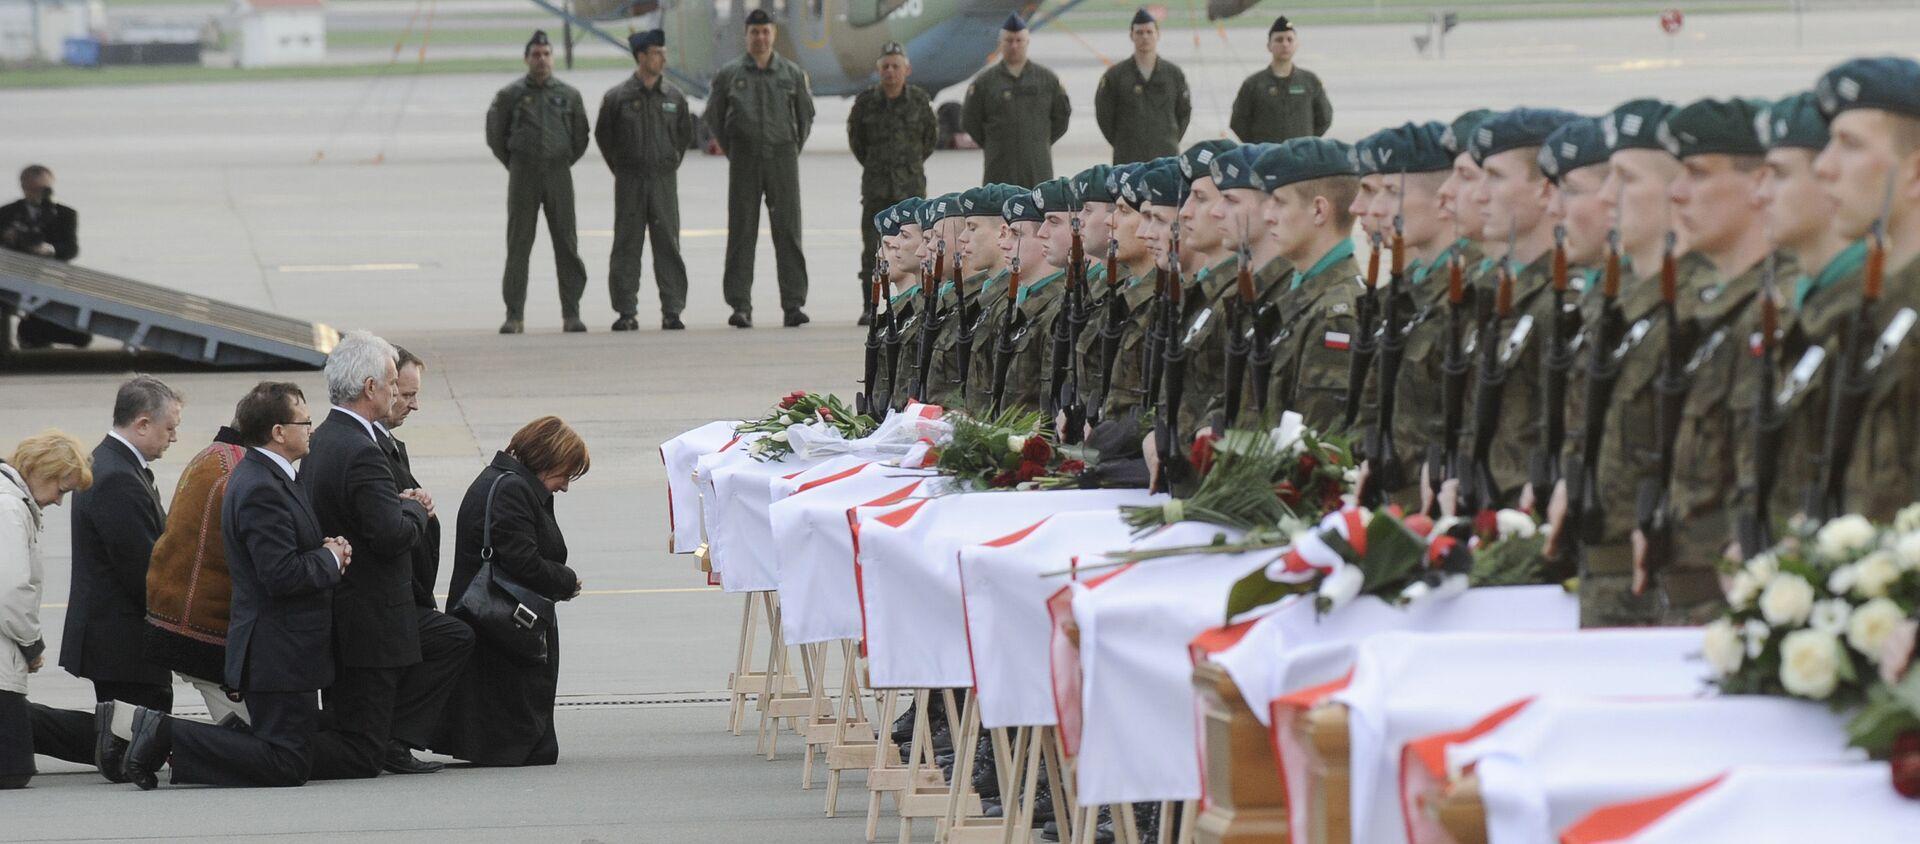 Krewni i bliscy na pogrzebie ofiar katastrofy prezydenckiego samolotu pod Smoleńskiem, 15 kwietnia 2010 r. - Sputnik Polska, 1920, 11.04.2021